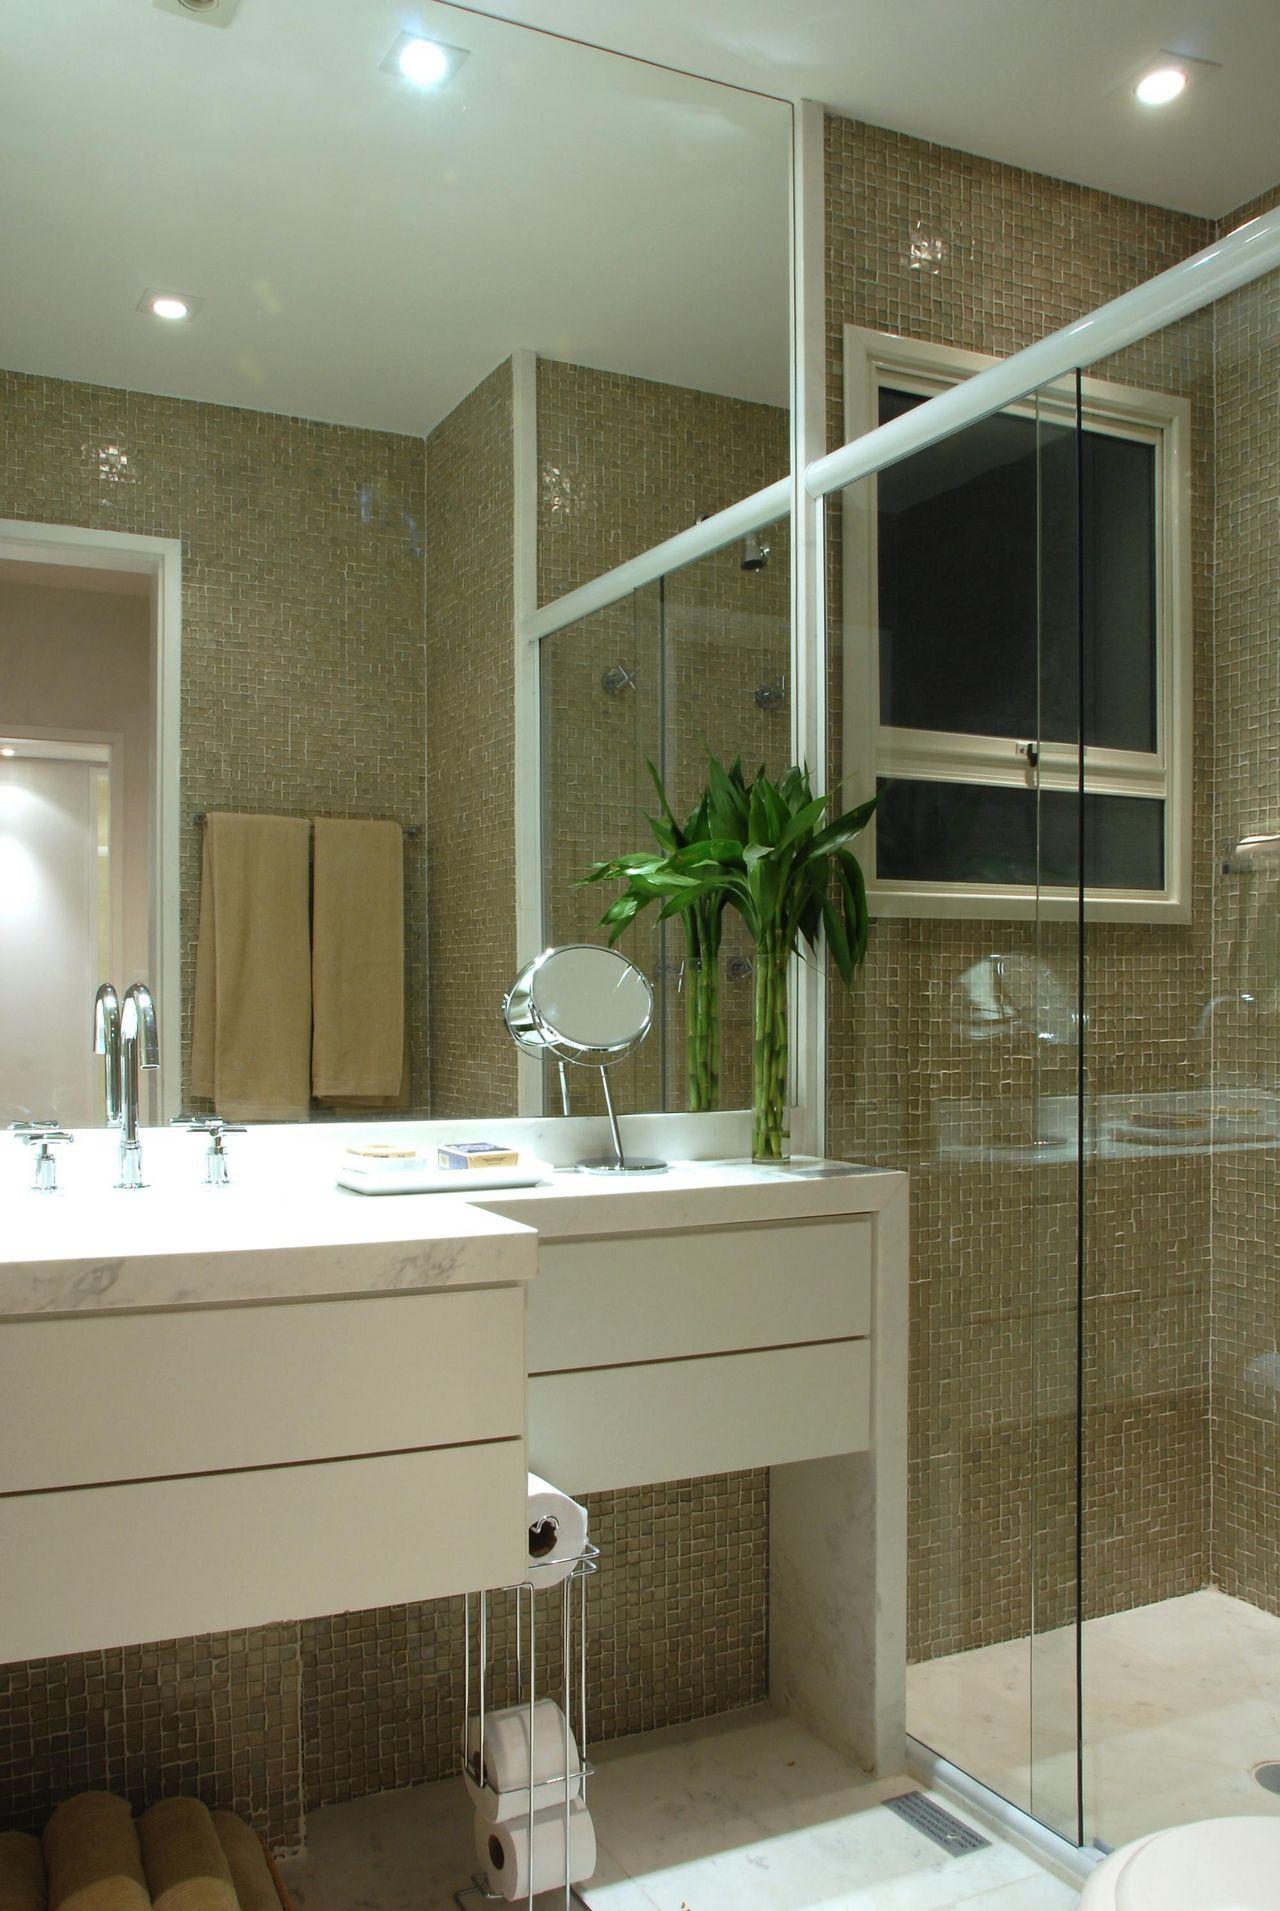 Banheiro com Pastilhas Marrom de Teresinha Nigri  821 no Viva Decora -> Banheiro Com Pastilha Marrom